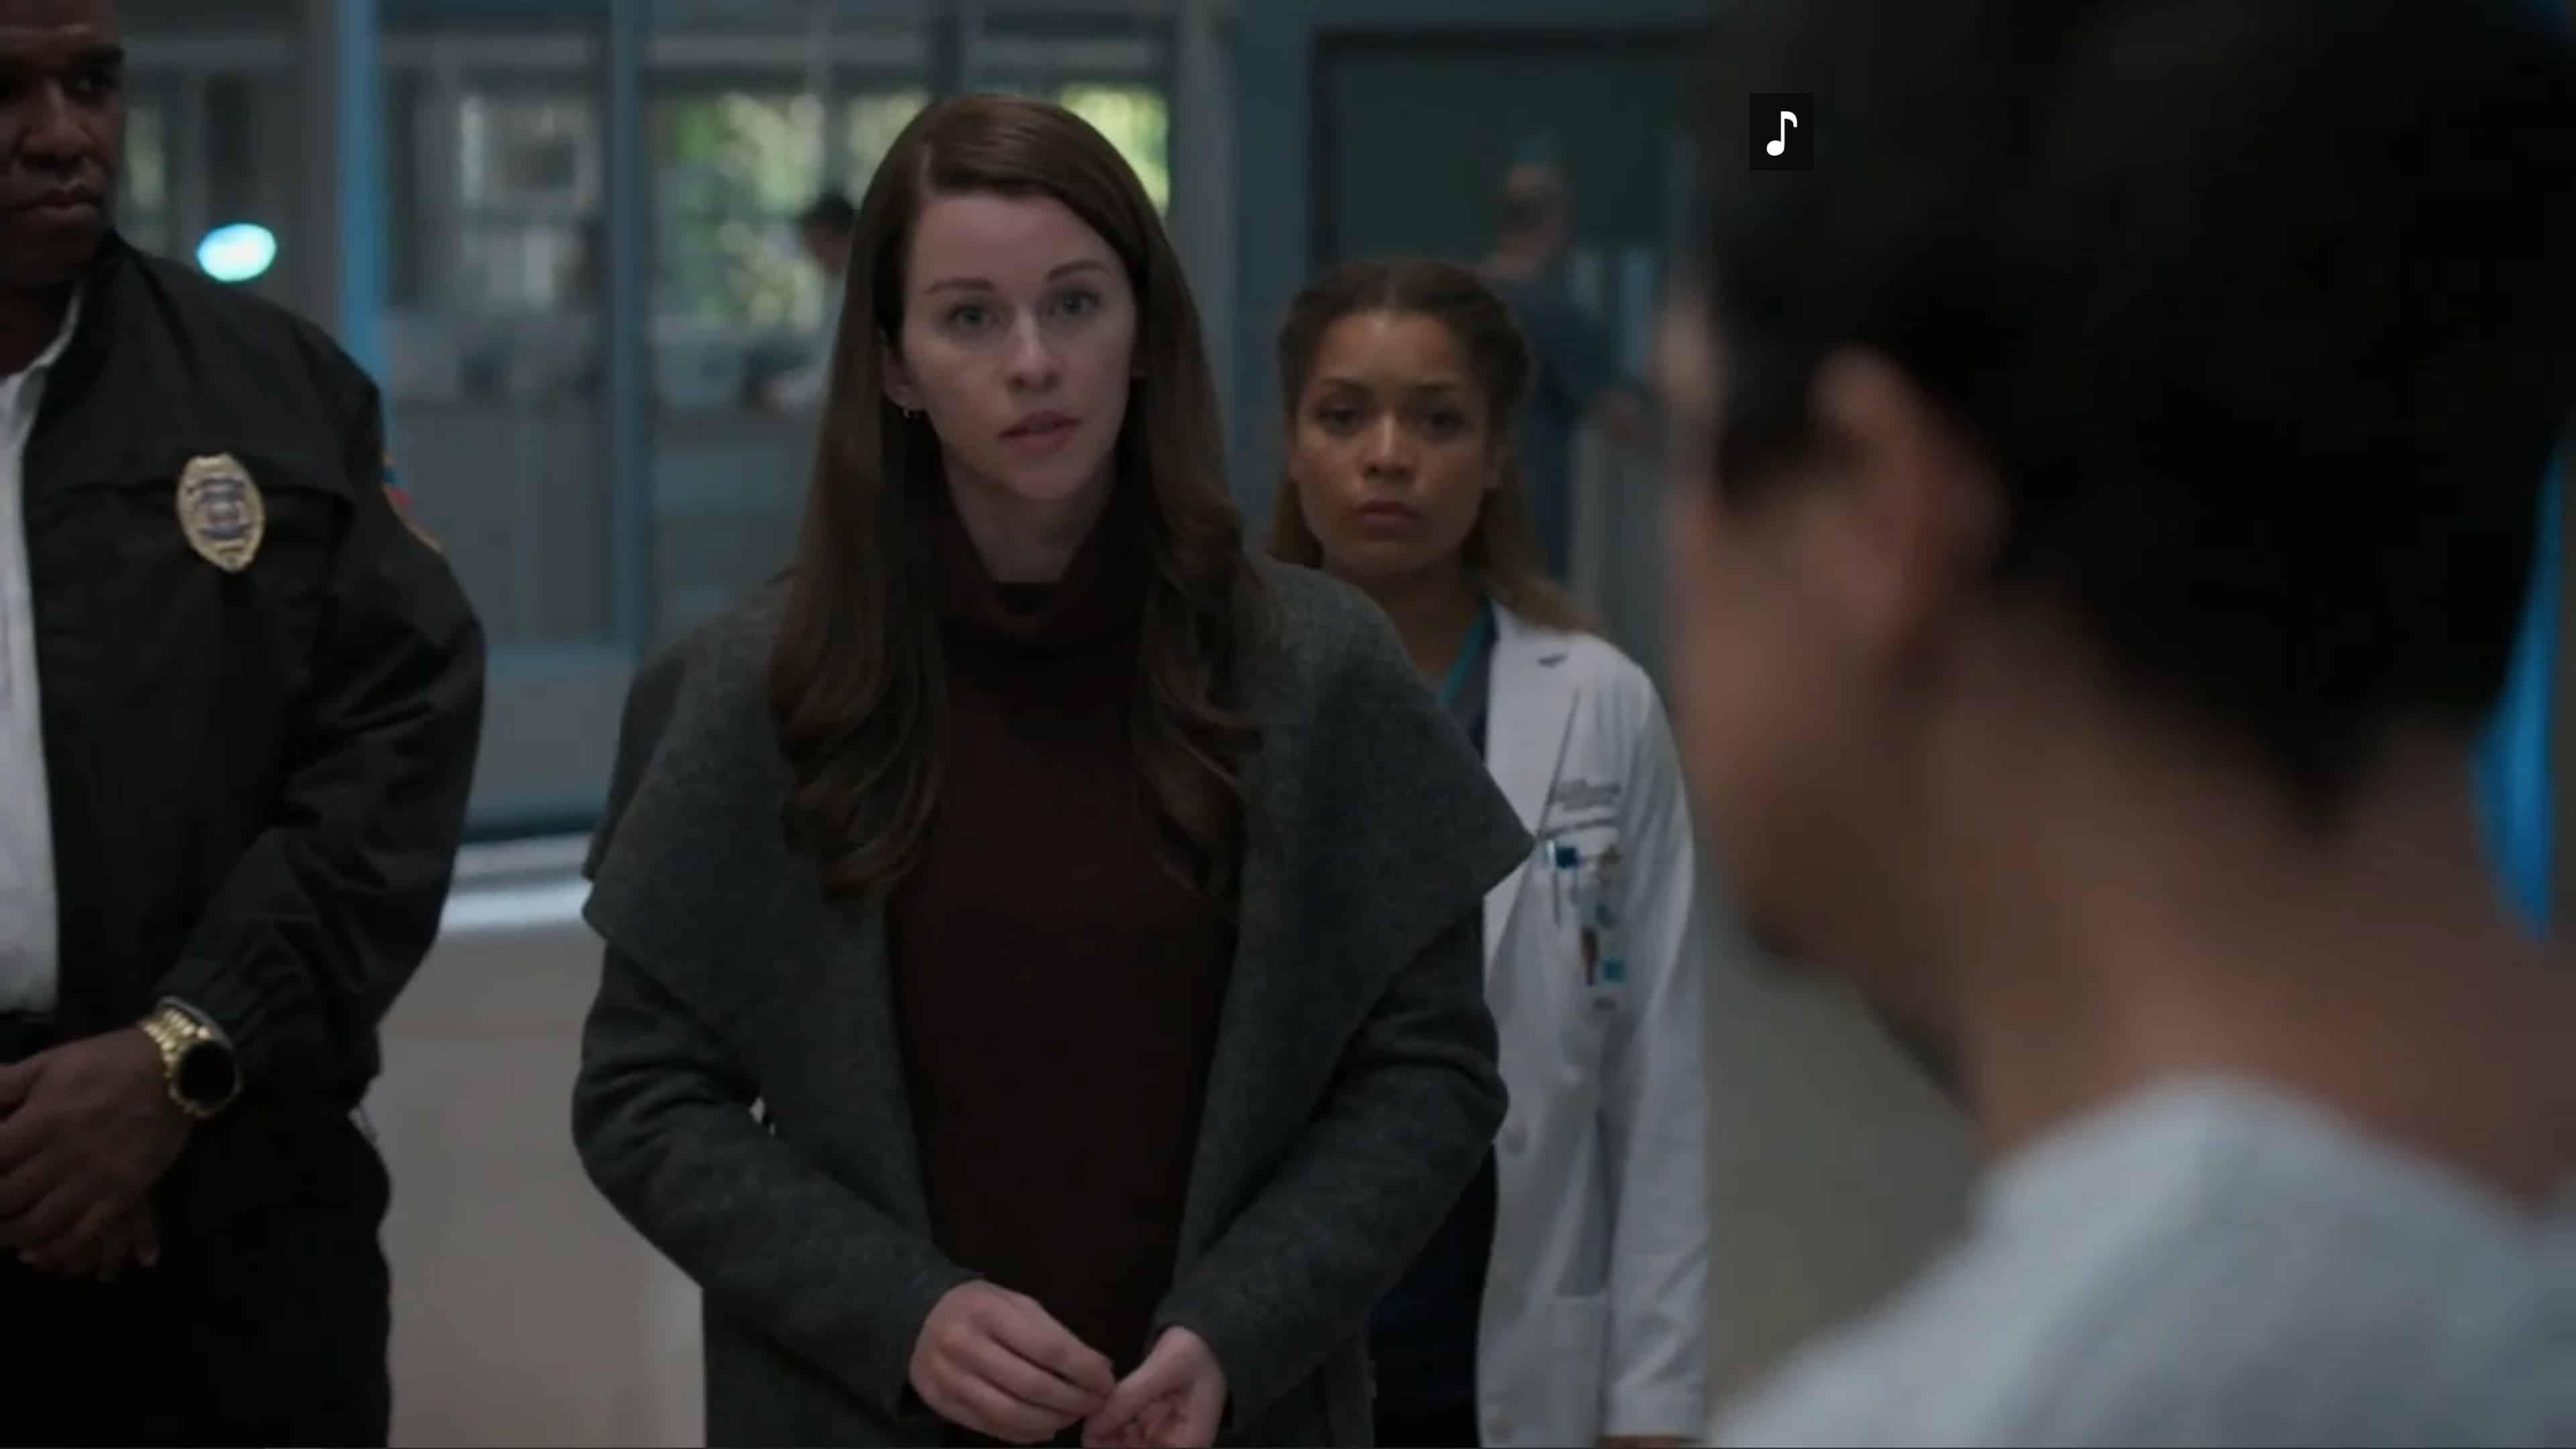 Zoe (Kim Shaw) trying to calm Ben down